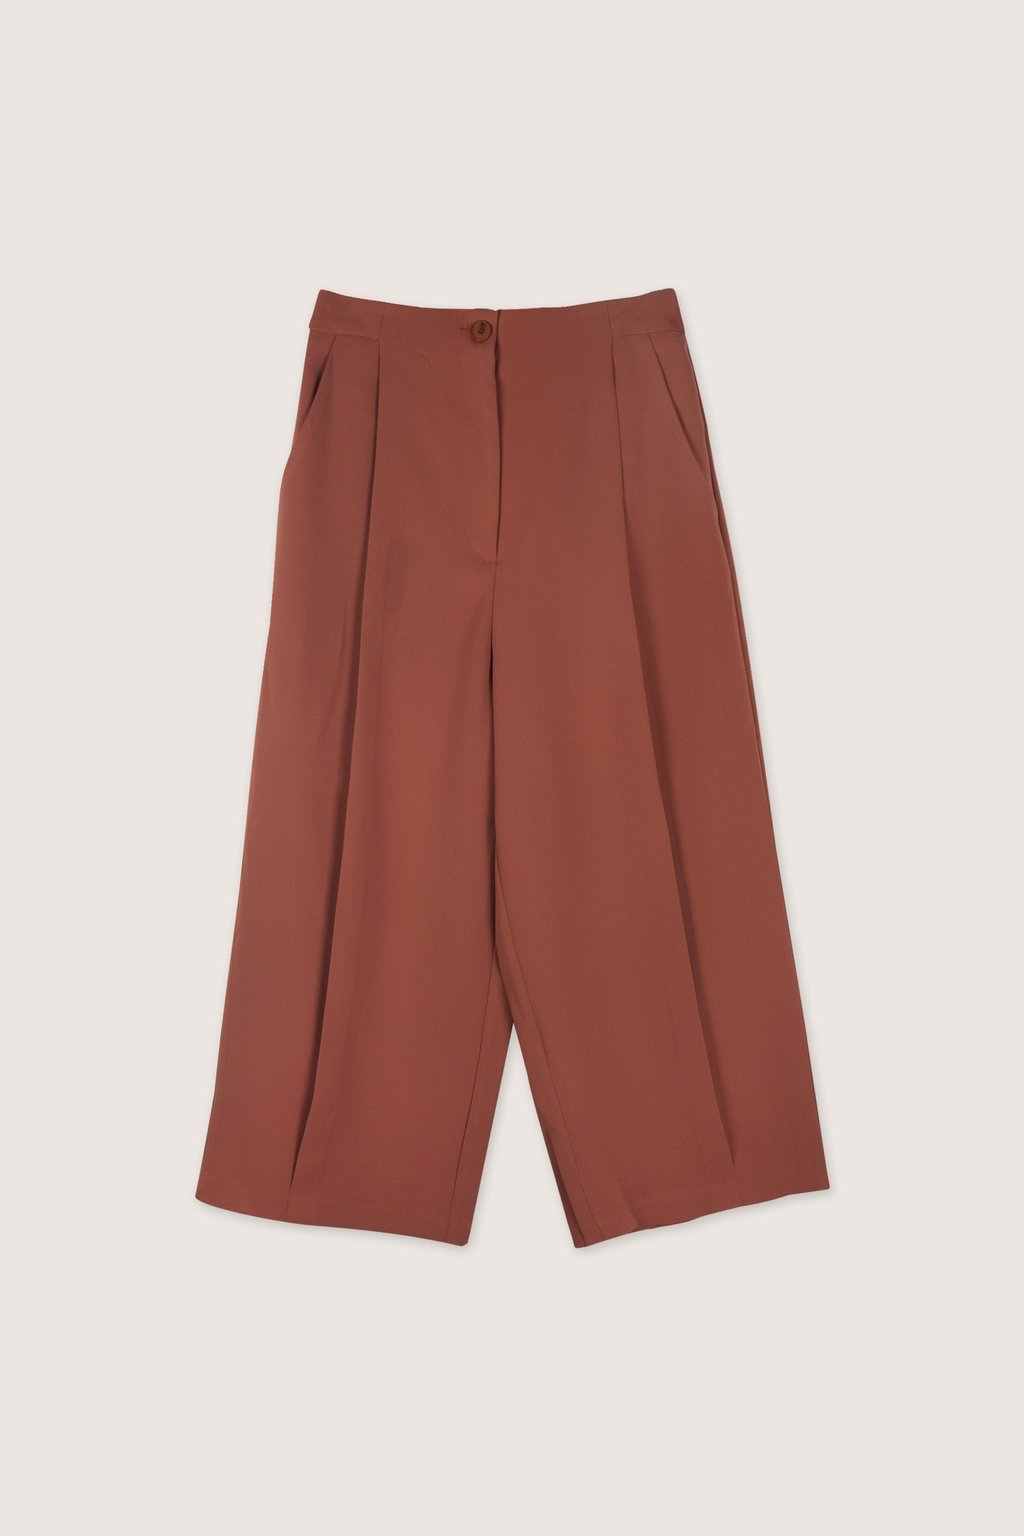 Pant H261 Brown 5